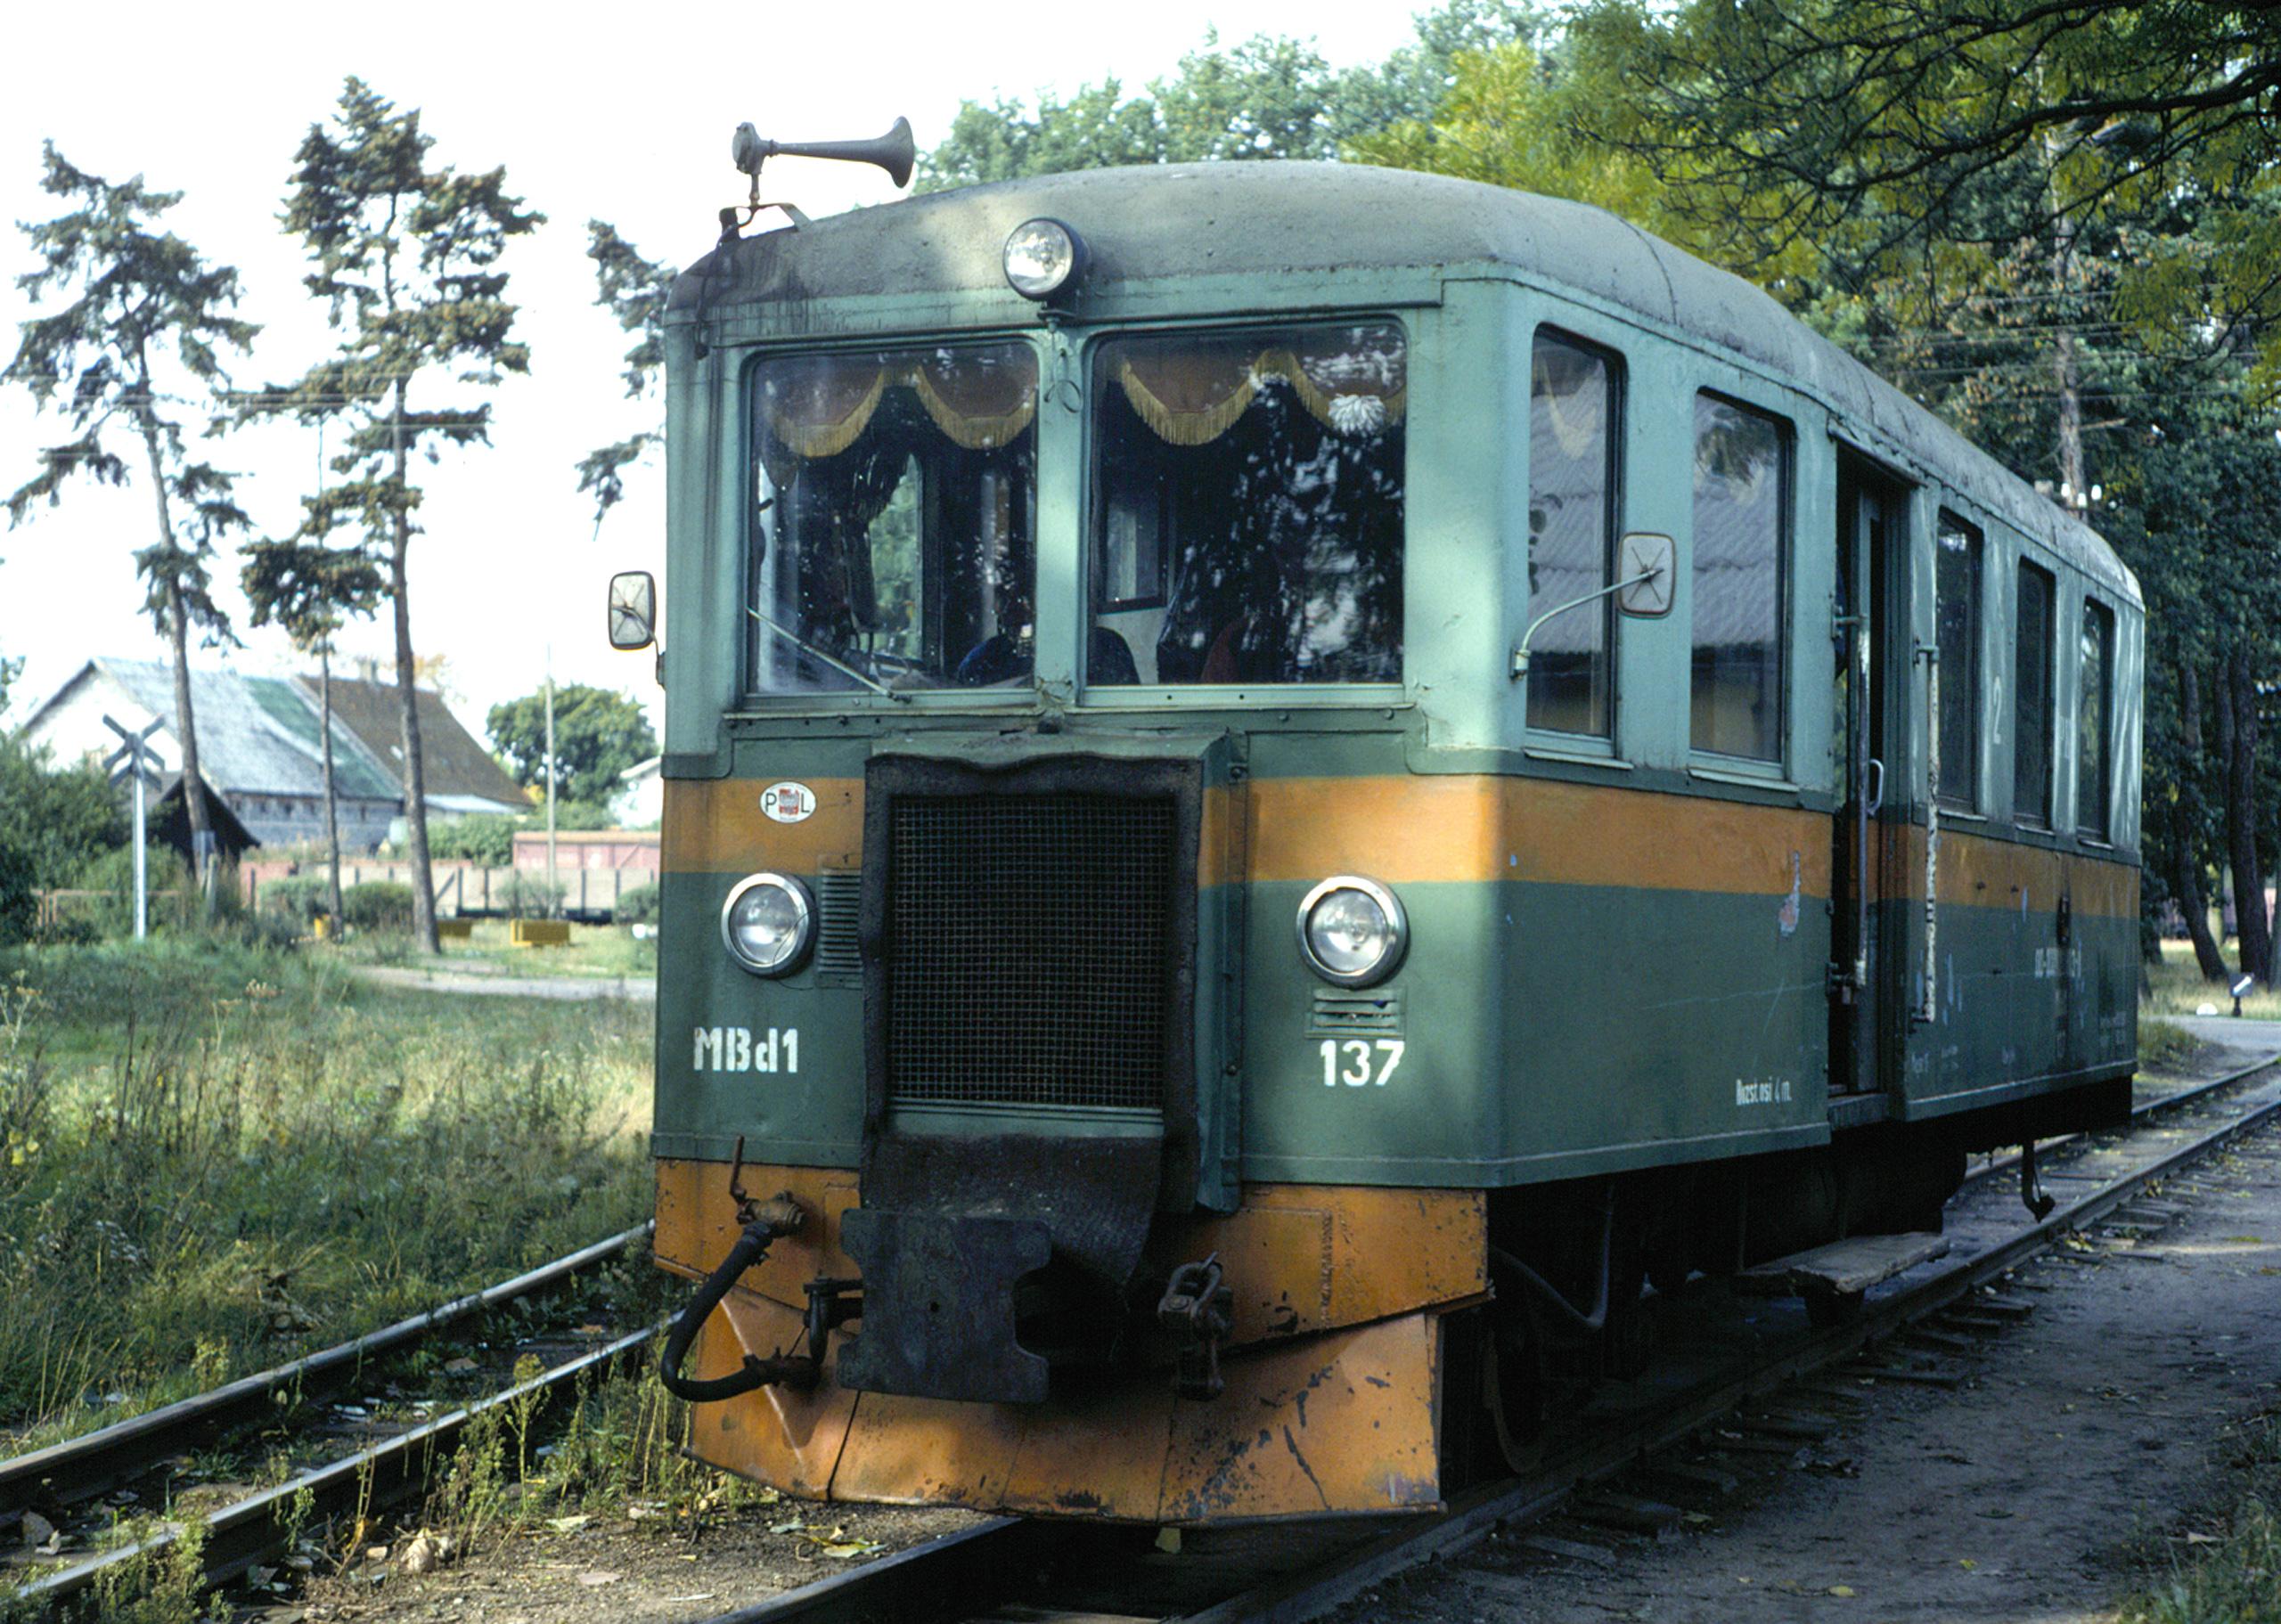 MBd1-137 at Stegna Gdańska.